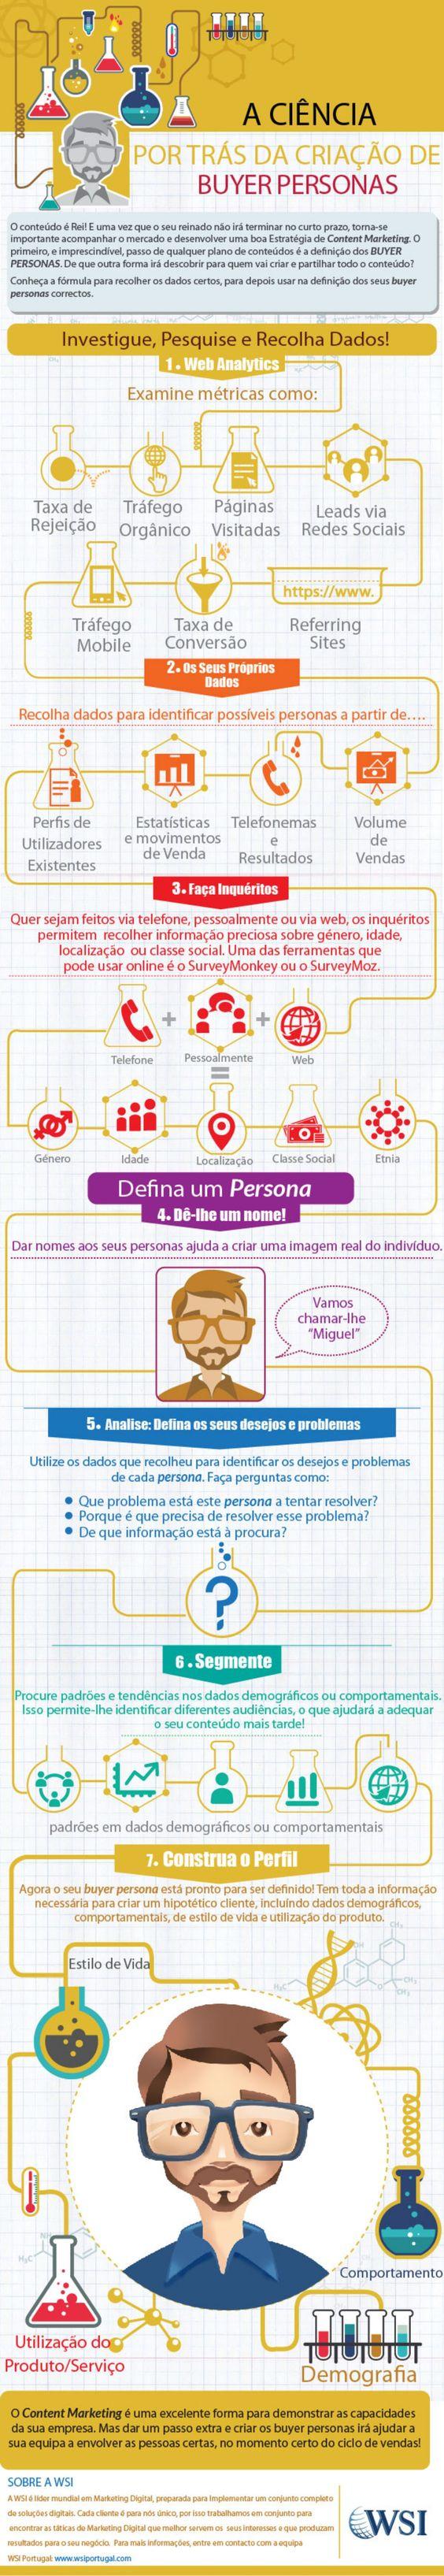 Estratégias de geração de conteúdo!  Quer aumentar os lucros de sua empresa em pouco tempo?  Procure um profissional de Marketing Digital.  http://www.wsiprofessionals.com.br